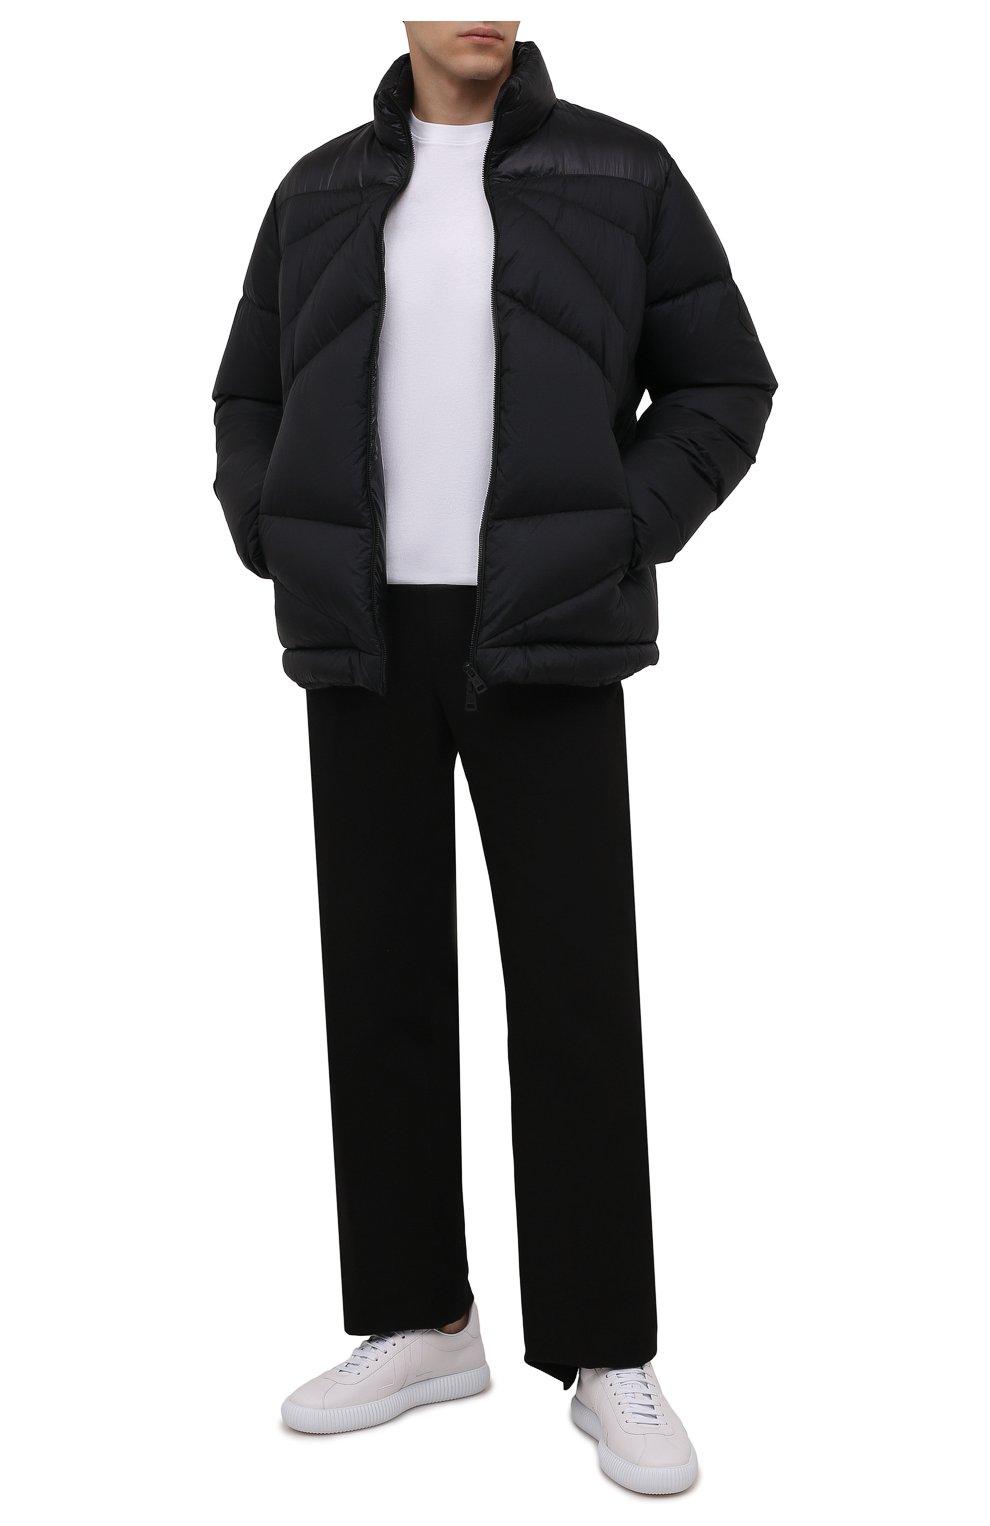 Мужская пуховая куртка tama 2 moncler 1952 MONCLER GENIUS черного цвета, арт. G2-092-1A000-30-595EV   Фото 2 (Кросс-КТ: Куртка; Мужское Кросс-КТ: пуховик-короткий; Рукава: Длинные; Материал внешний: Синтетический материал; Материал подклада: Синтетический материал; Длина (верхняя одежда): Короткие; Материал утеплителя: Пух и перо)